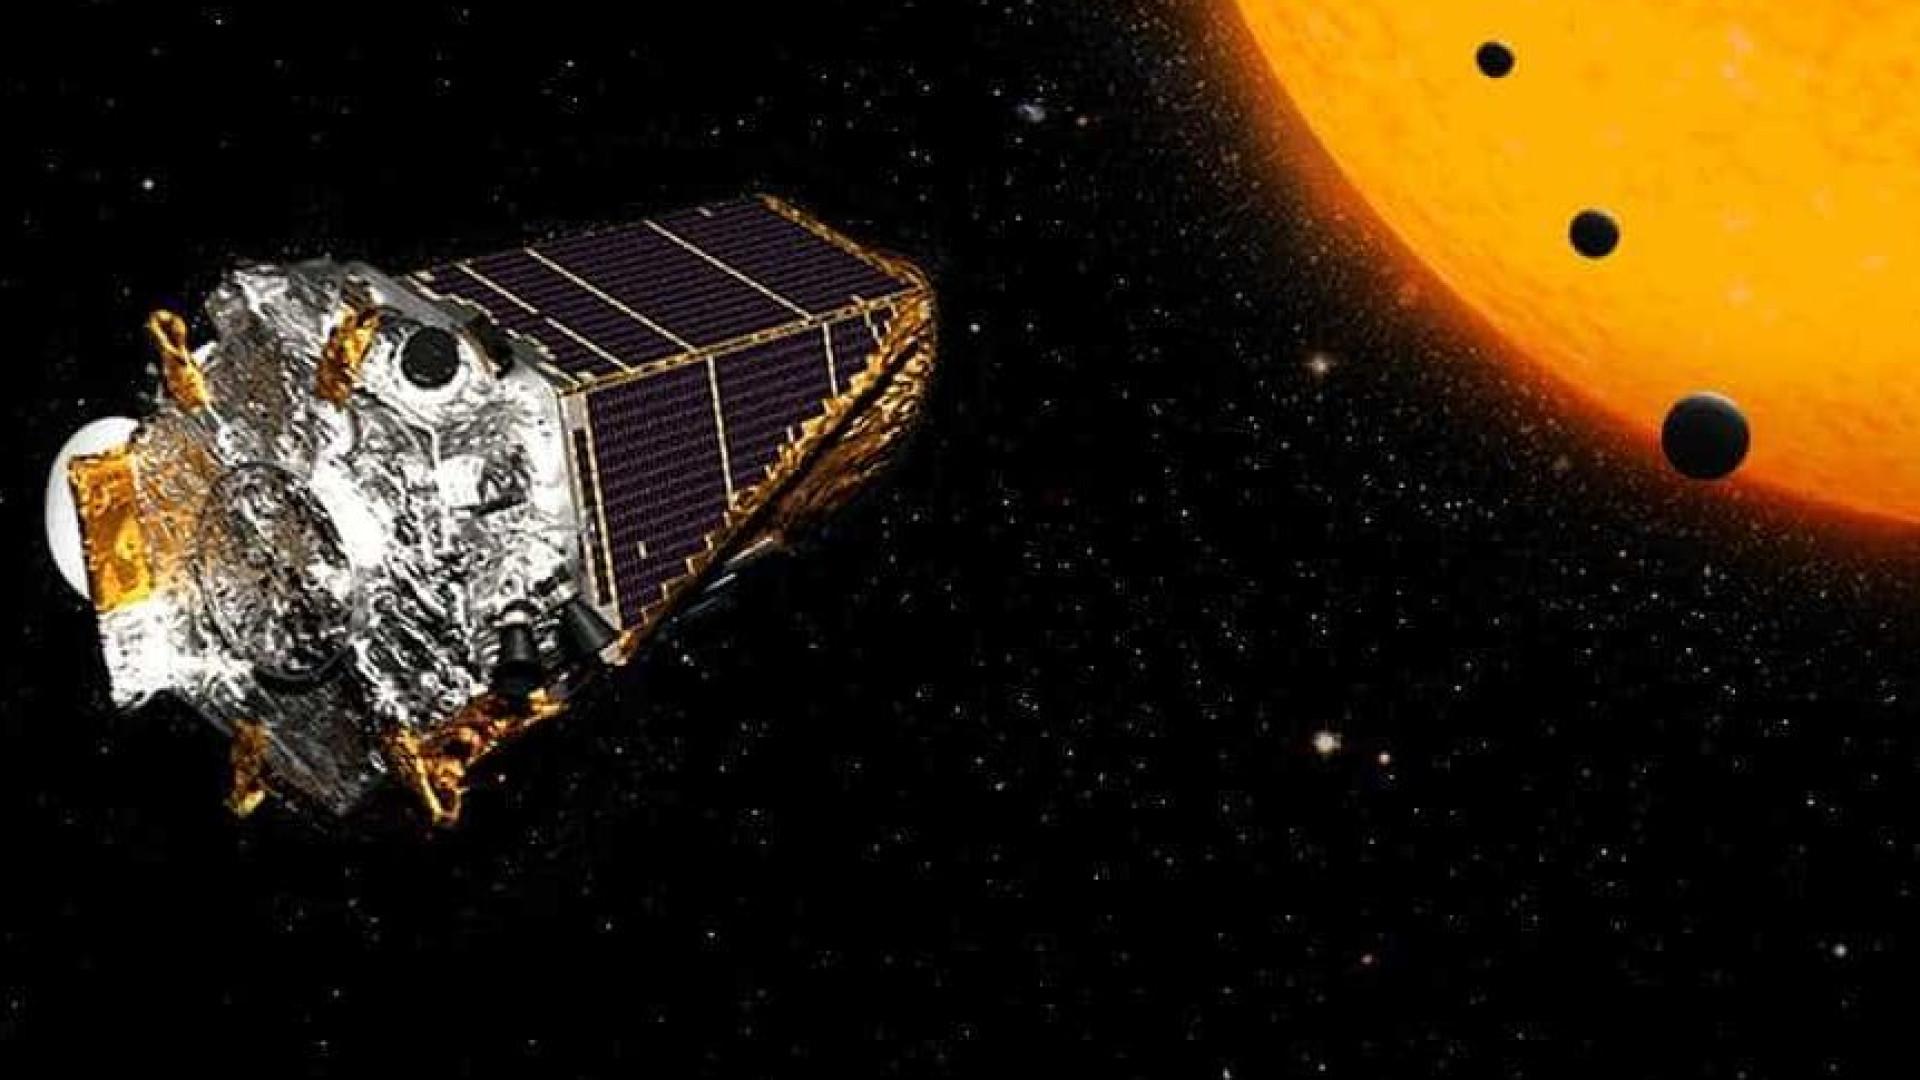 NASA desvenda esta semana novas descobertas em conferência especial